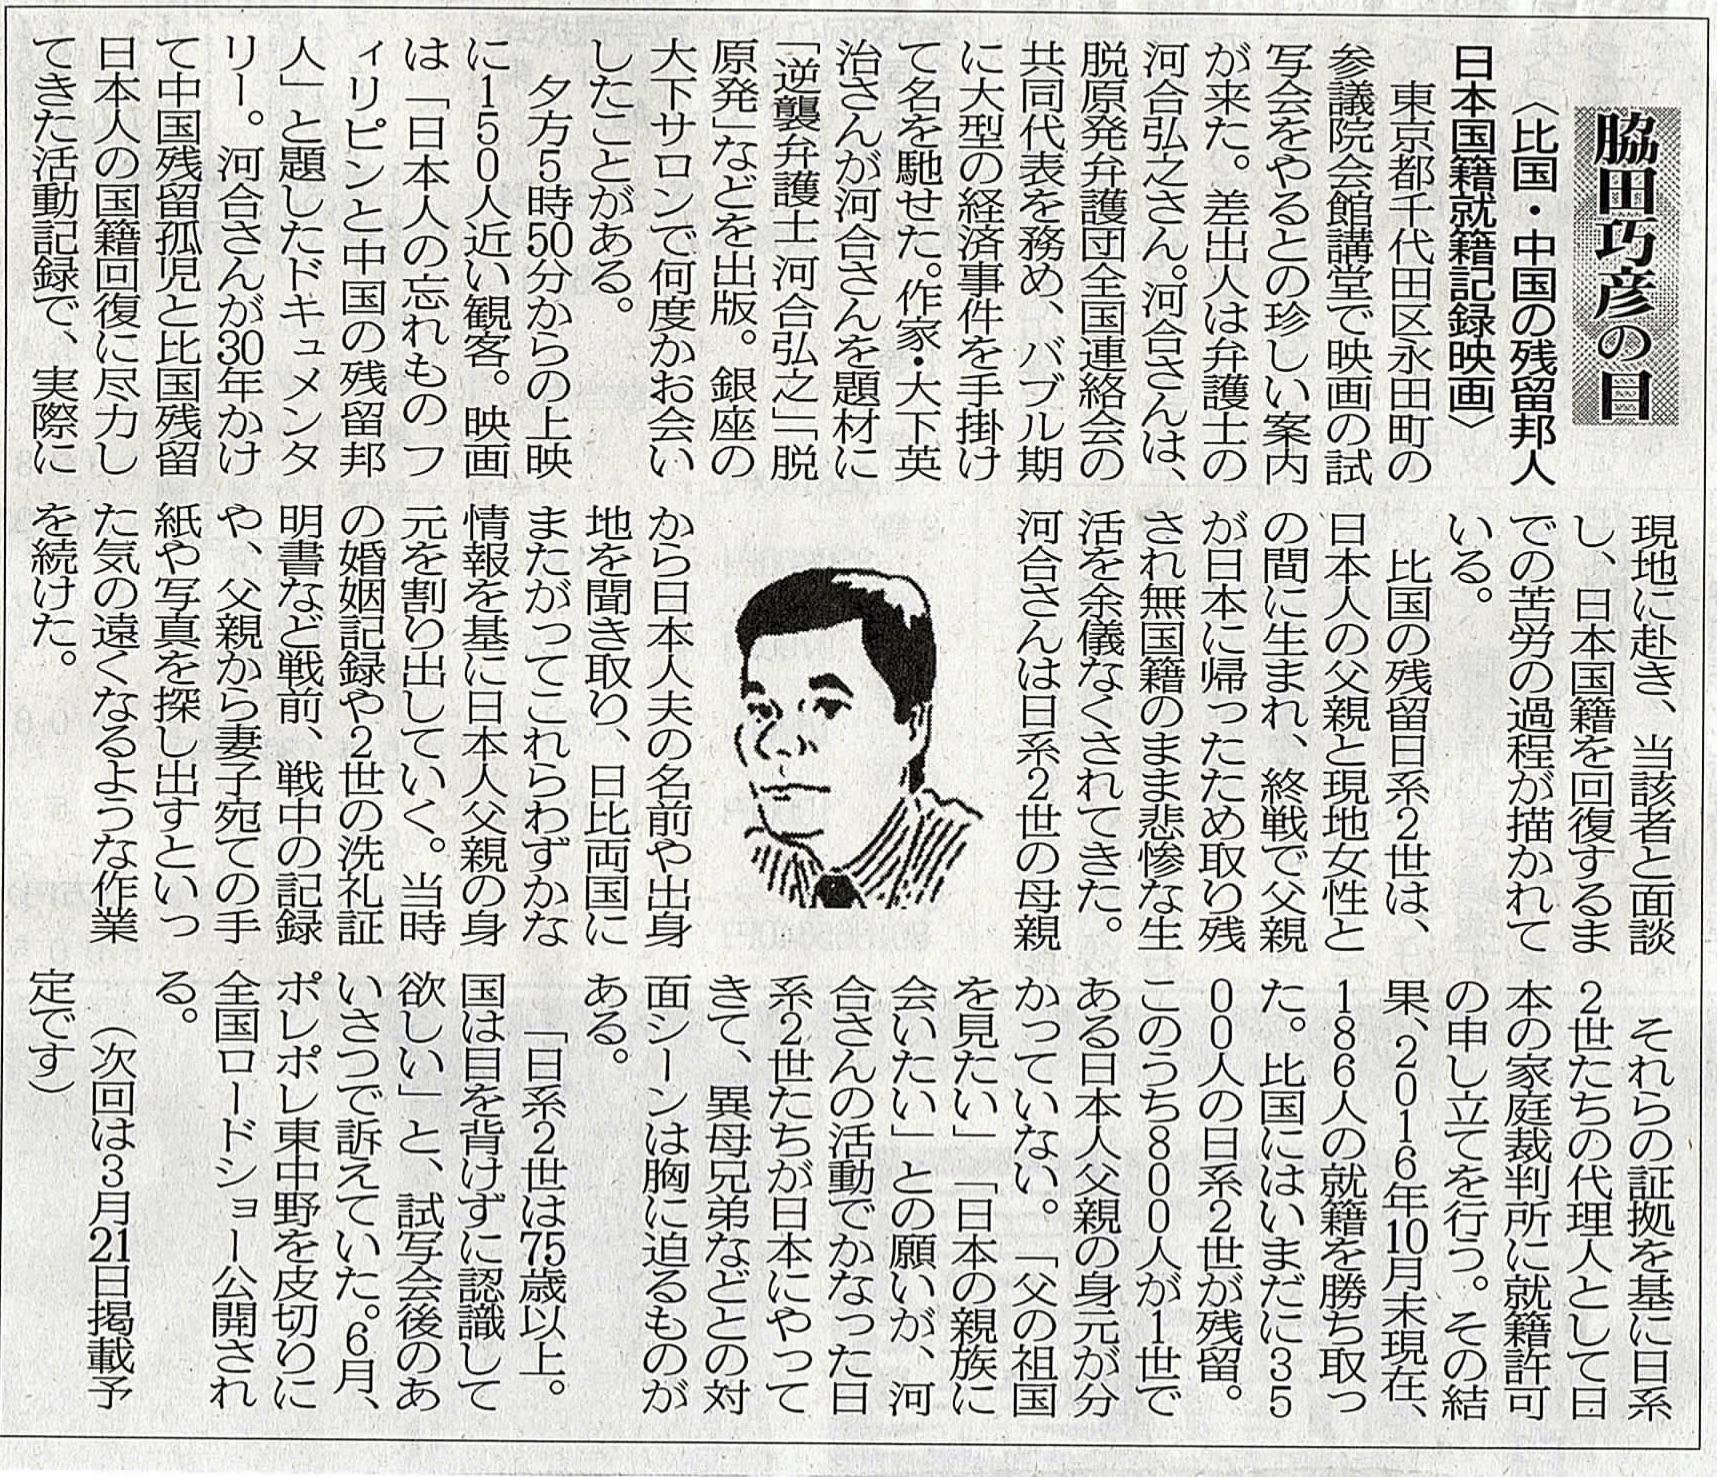 2020年3月7日 比国・中国の残留邦人日本国籍就籍記録映画